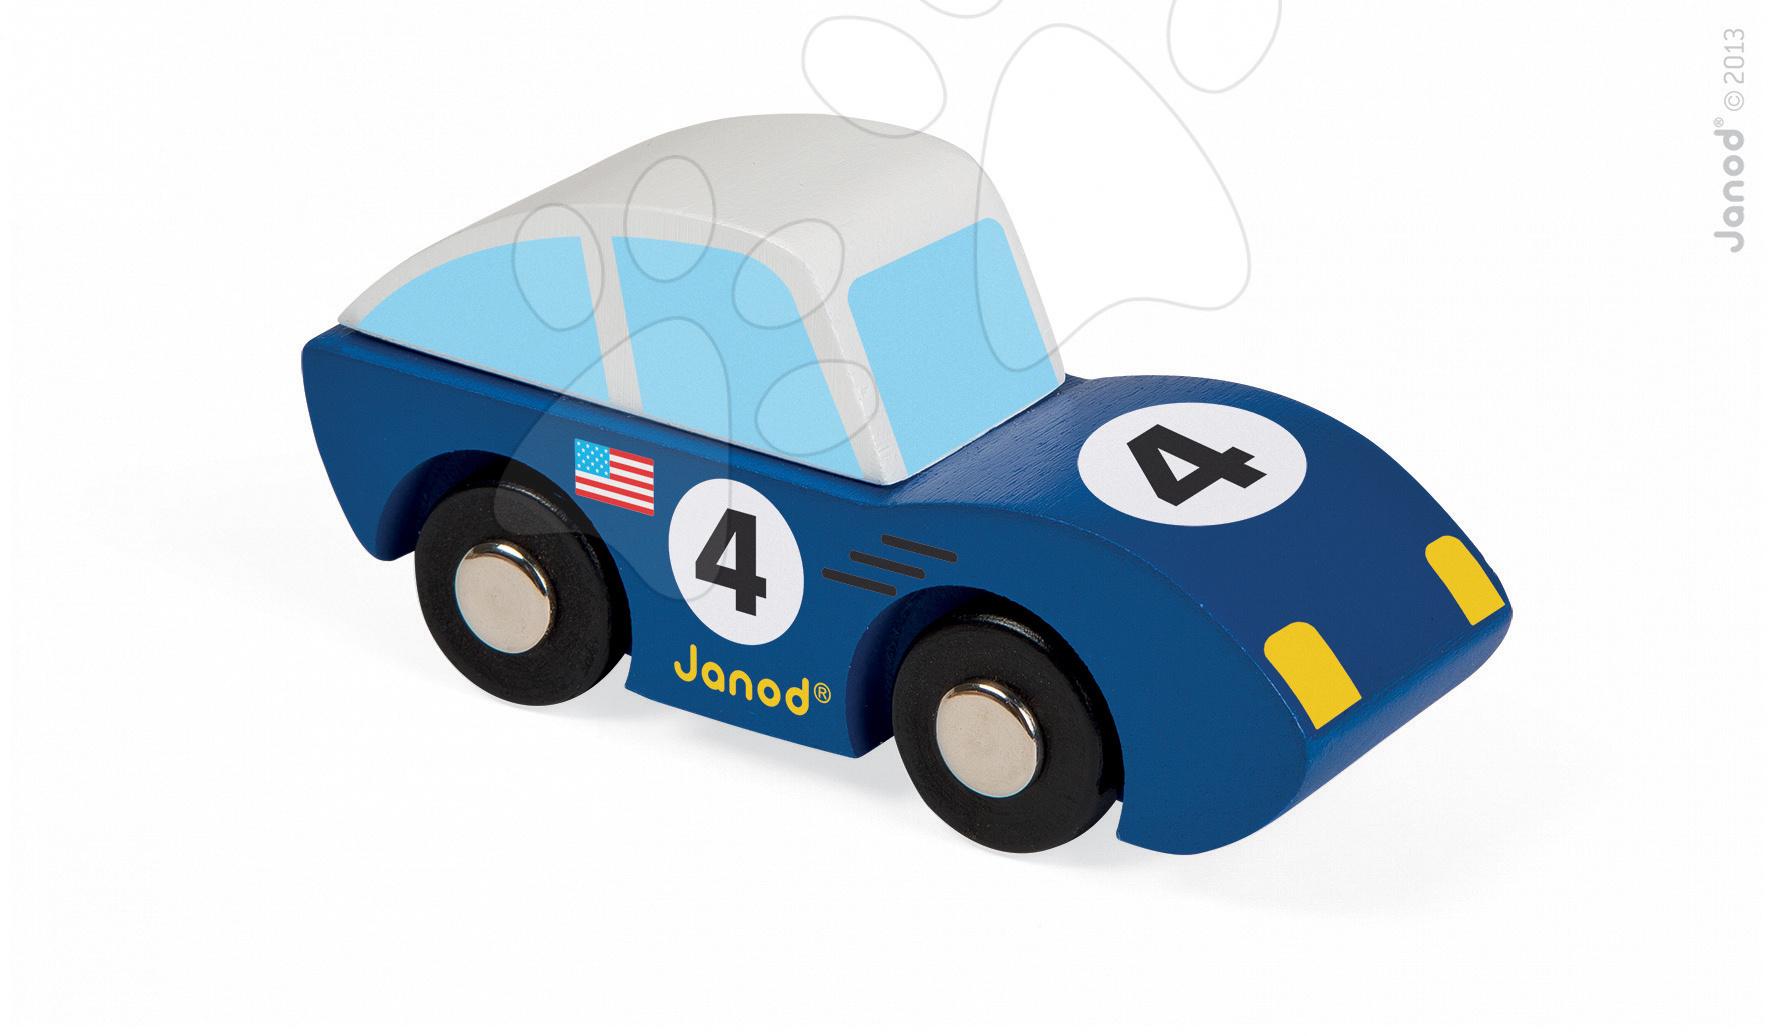 Autíčka - Drevené auto Roadster Story Racing Janod modré/zelené